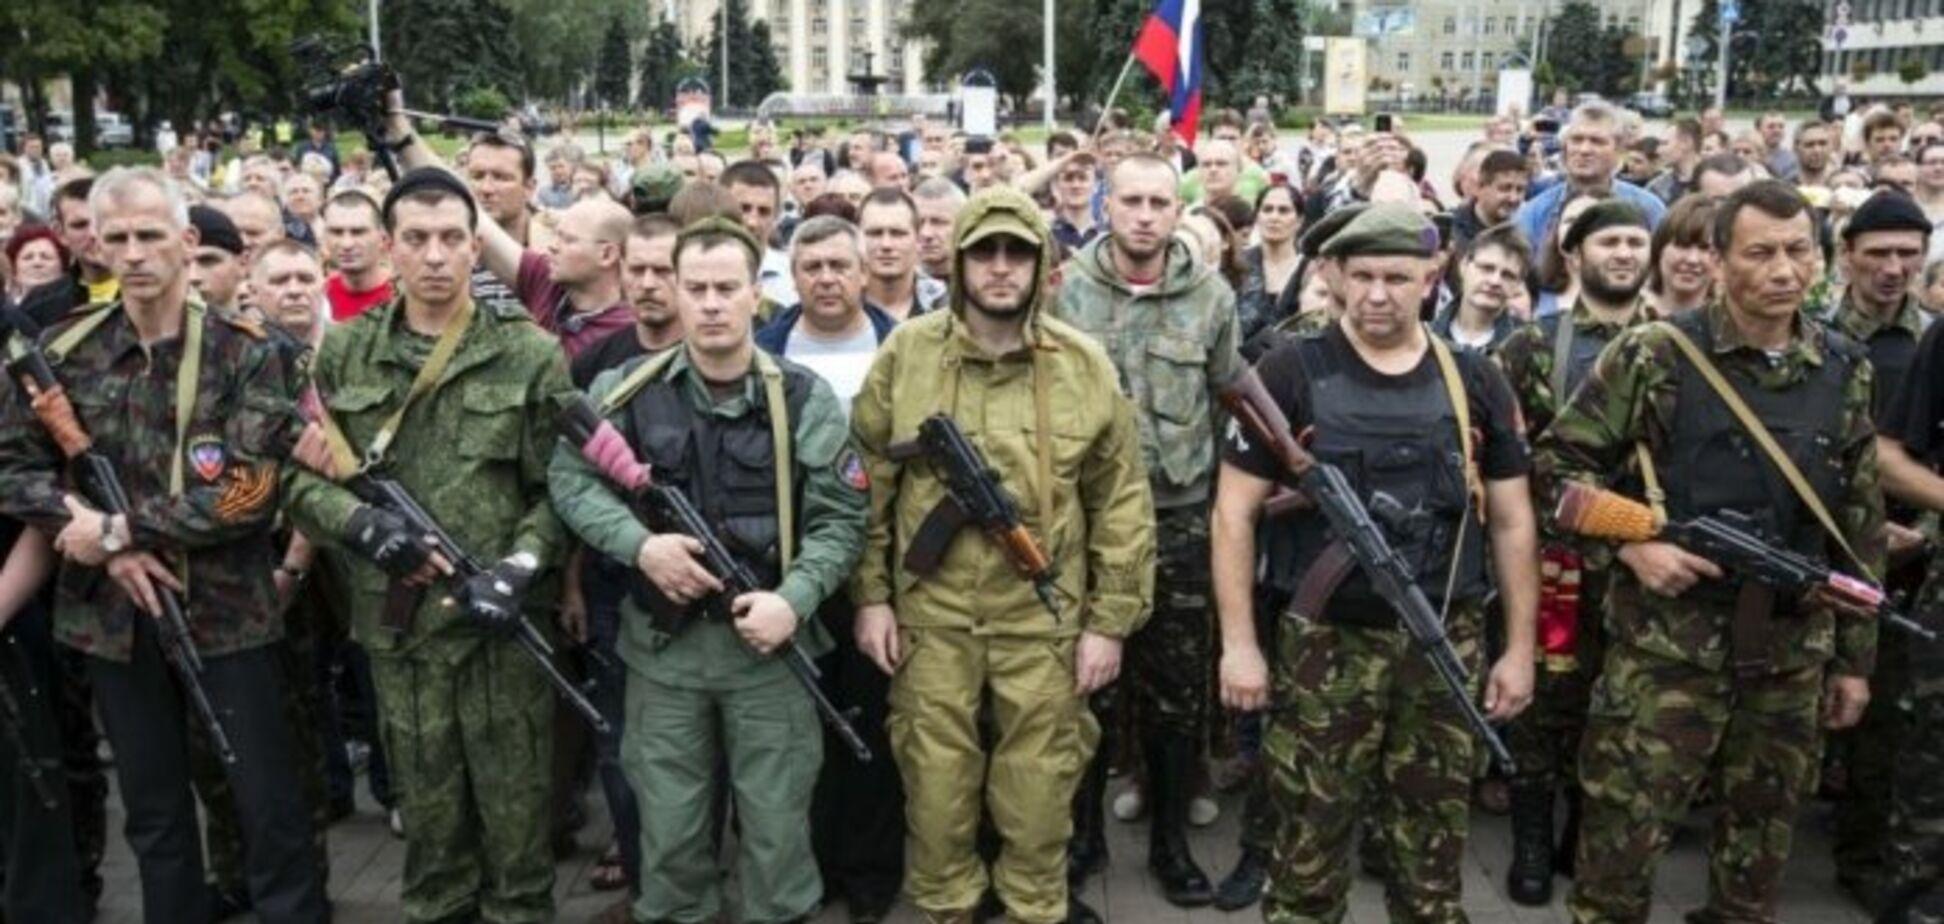 'Упоротые фанатики': боец ВСУ рассказал, кто воюет за 'ДНР'